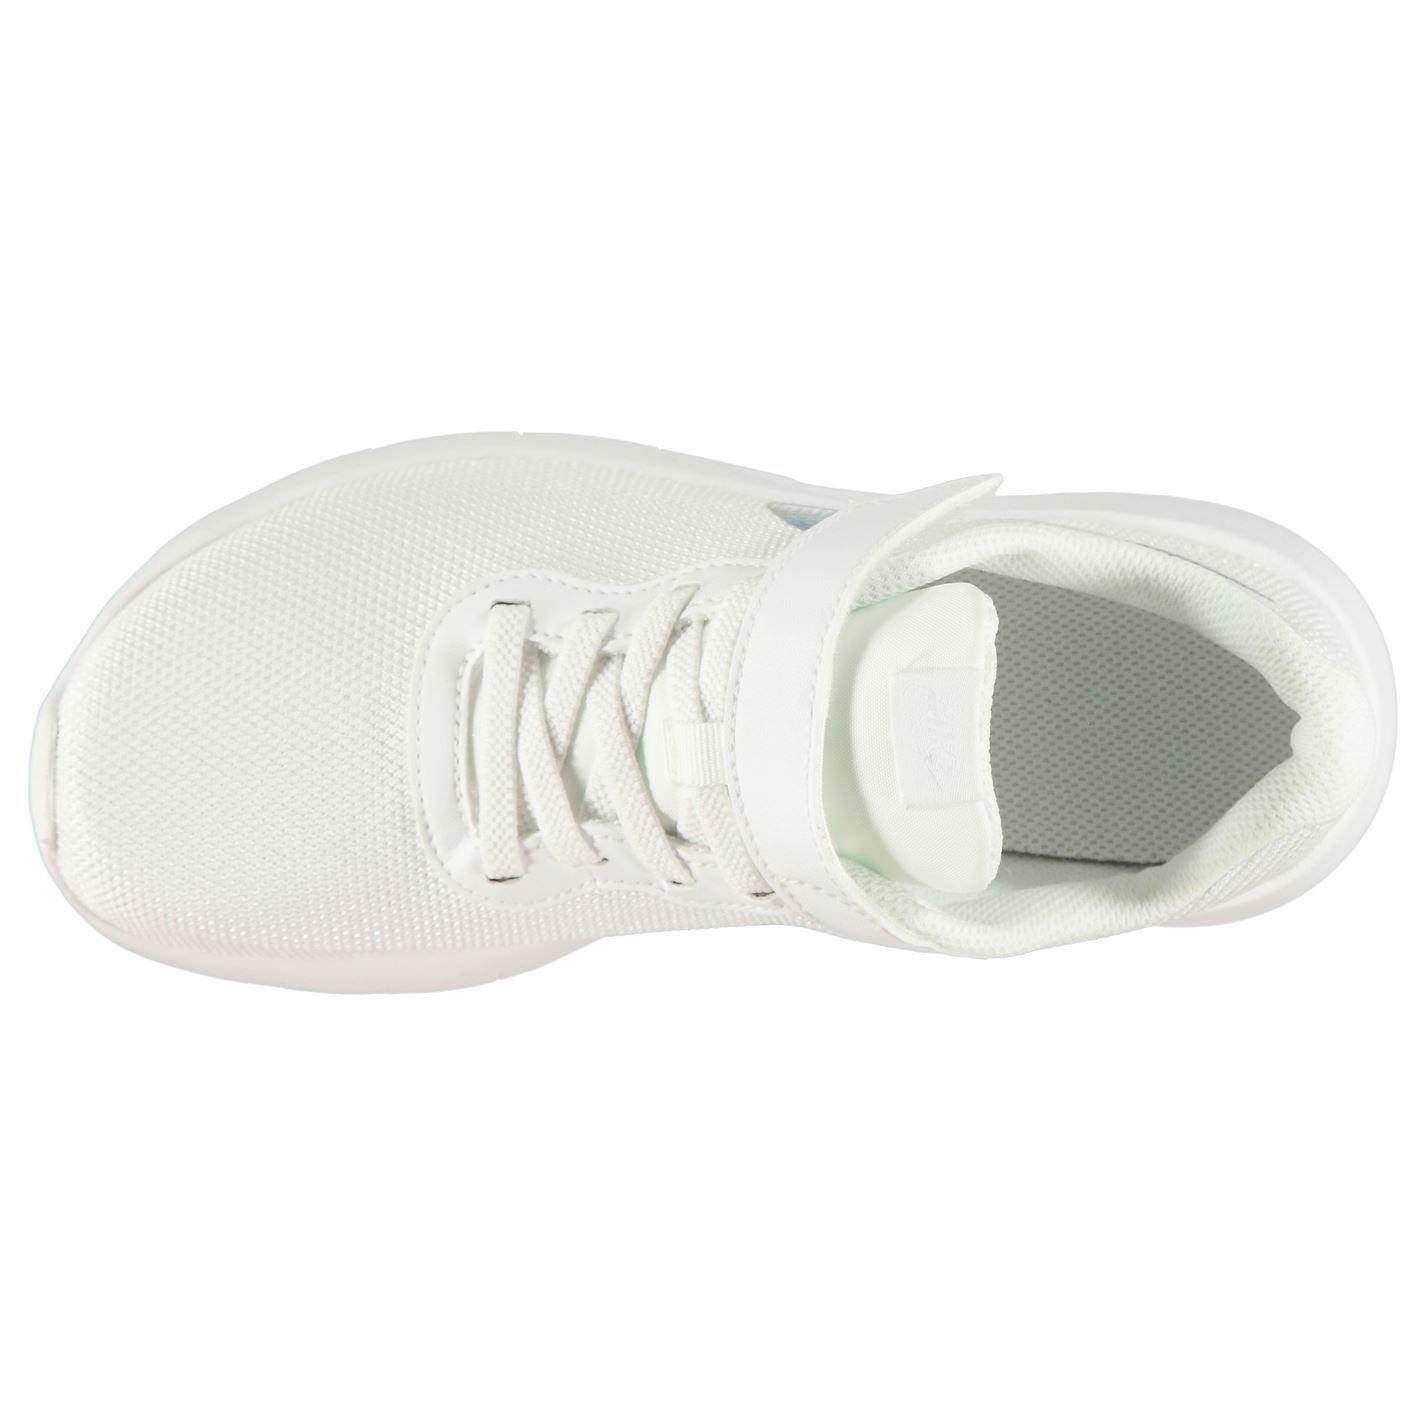 Detalles de Nike Tanjun Zapatillas Infantil Niña Blanco Zapatos Azules Calzado